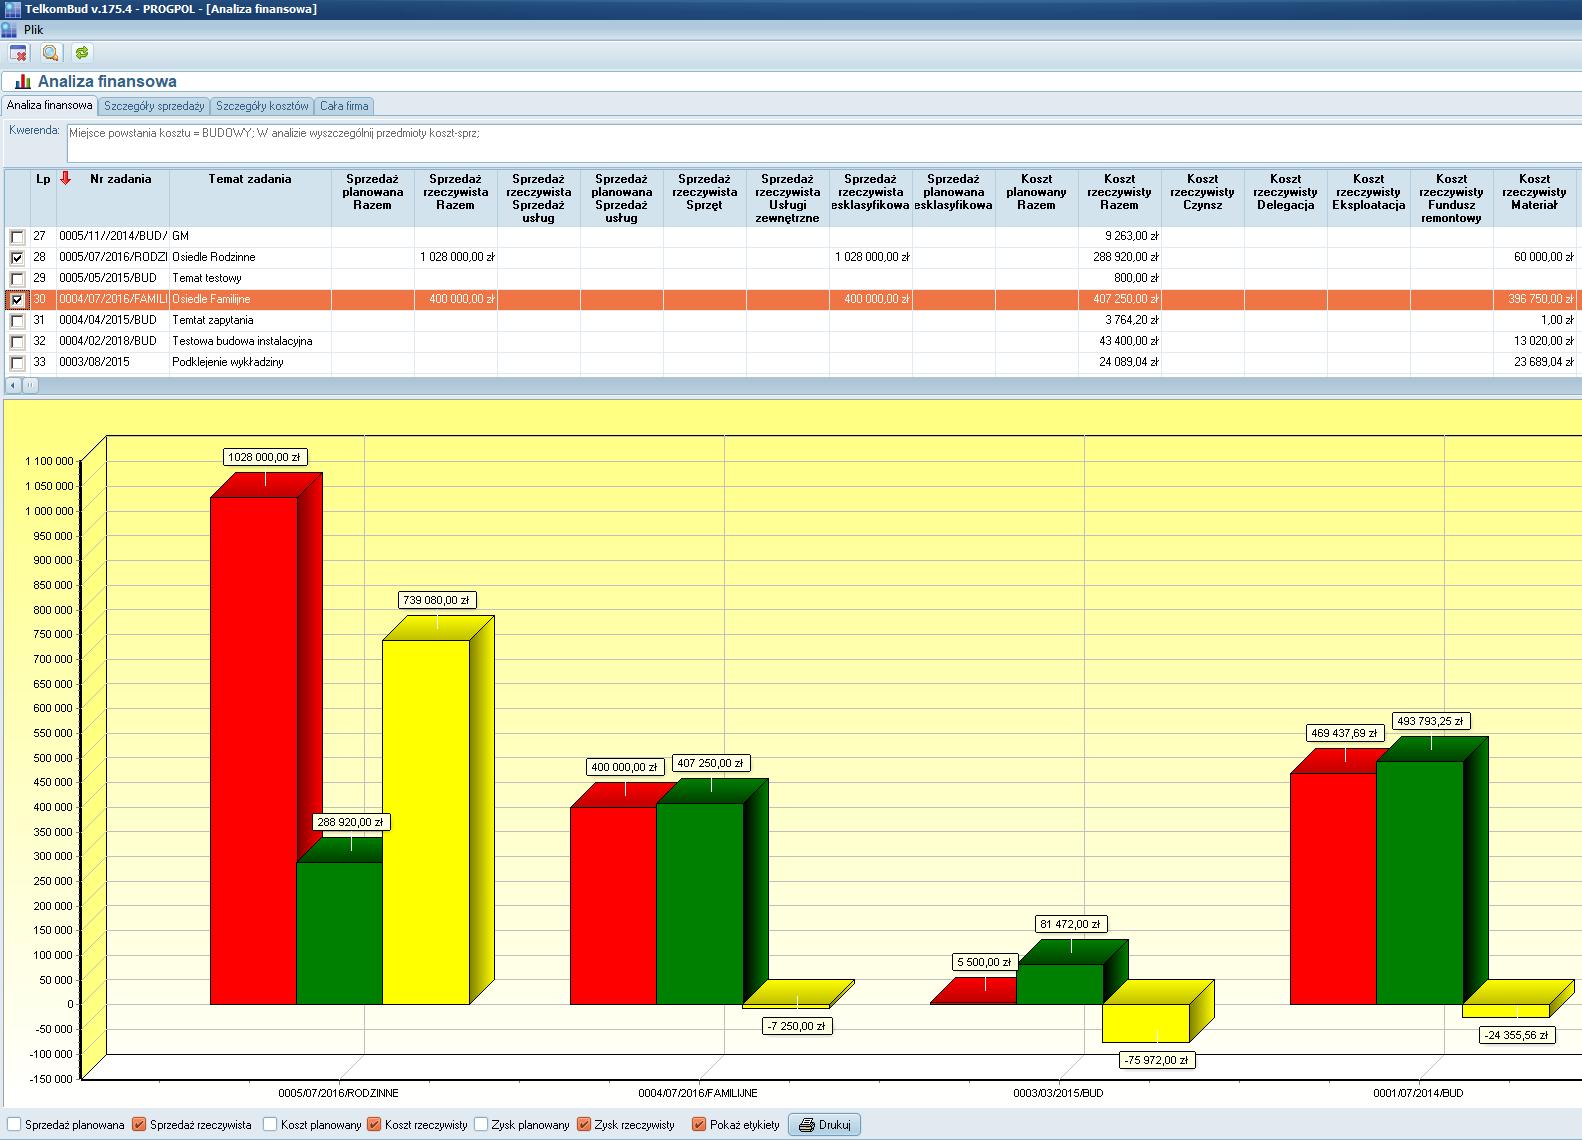 Okno Raport Analiza finansowa modułu Finanse w systemie TelkomBud